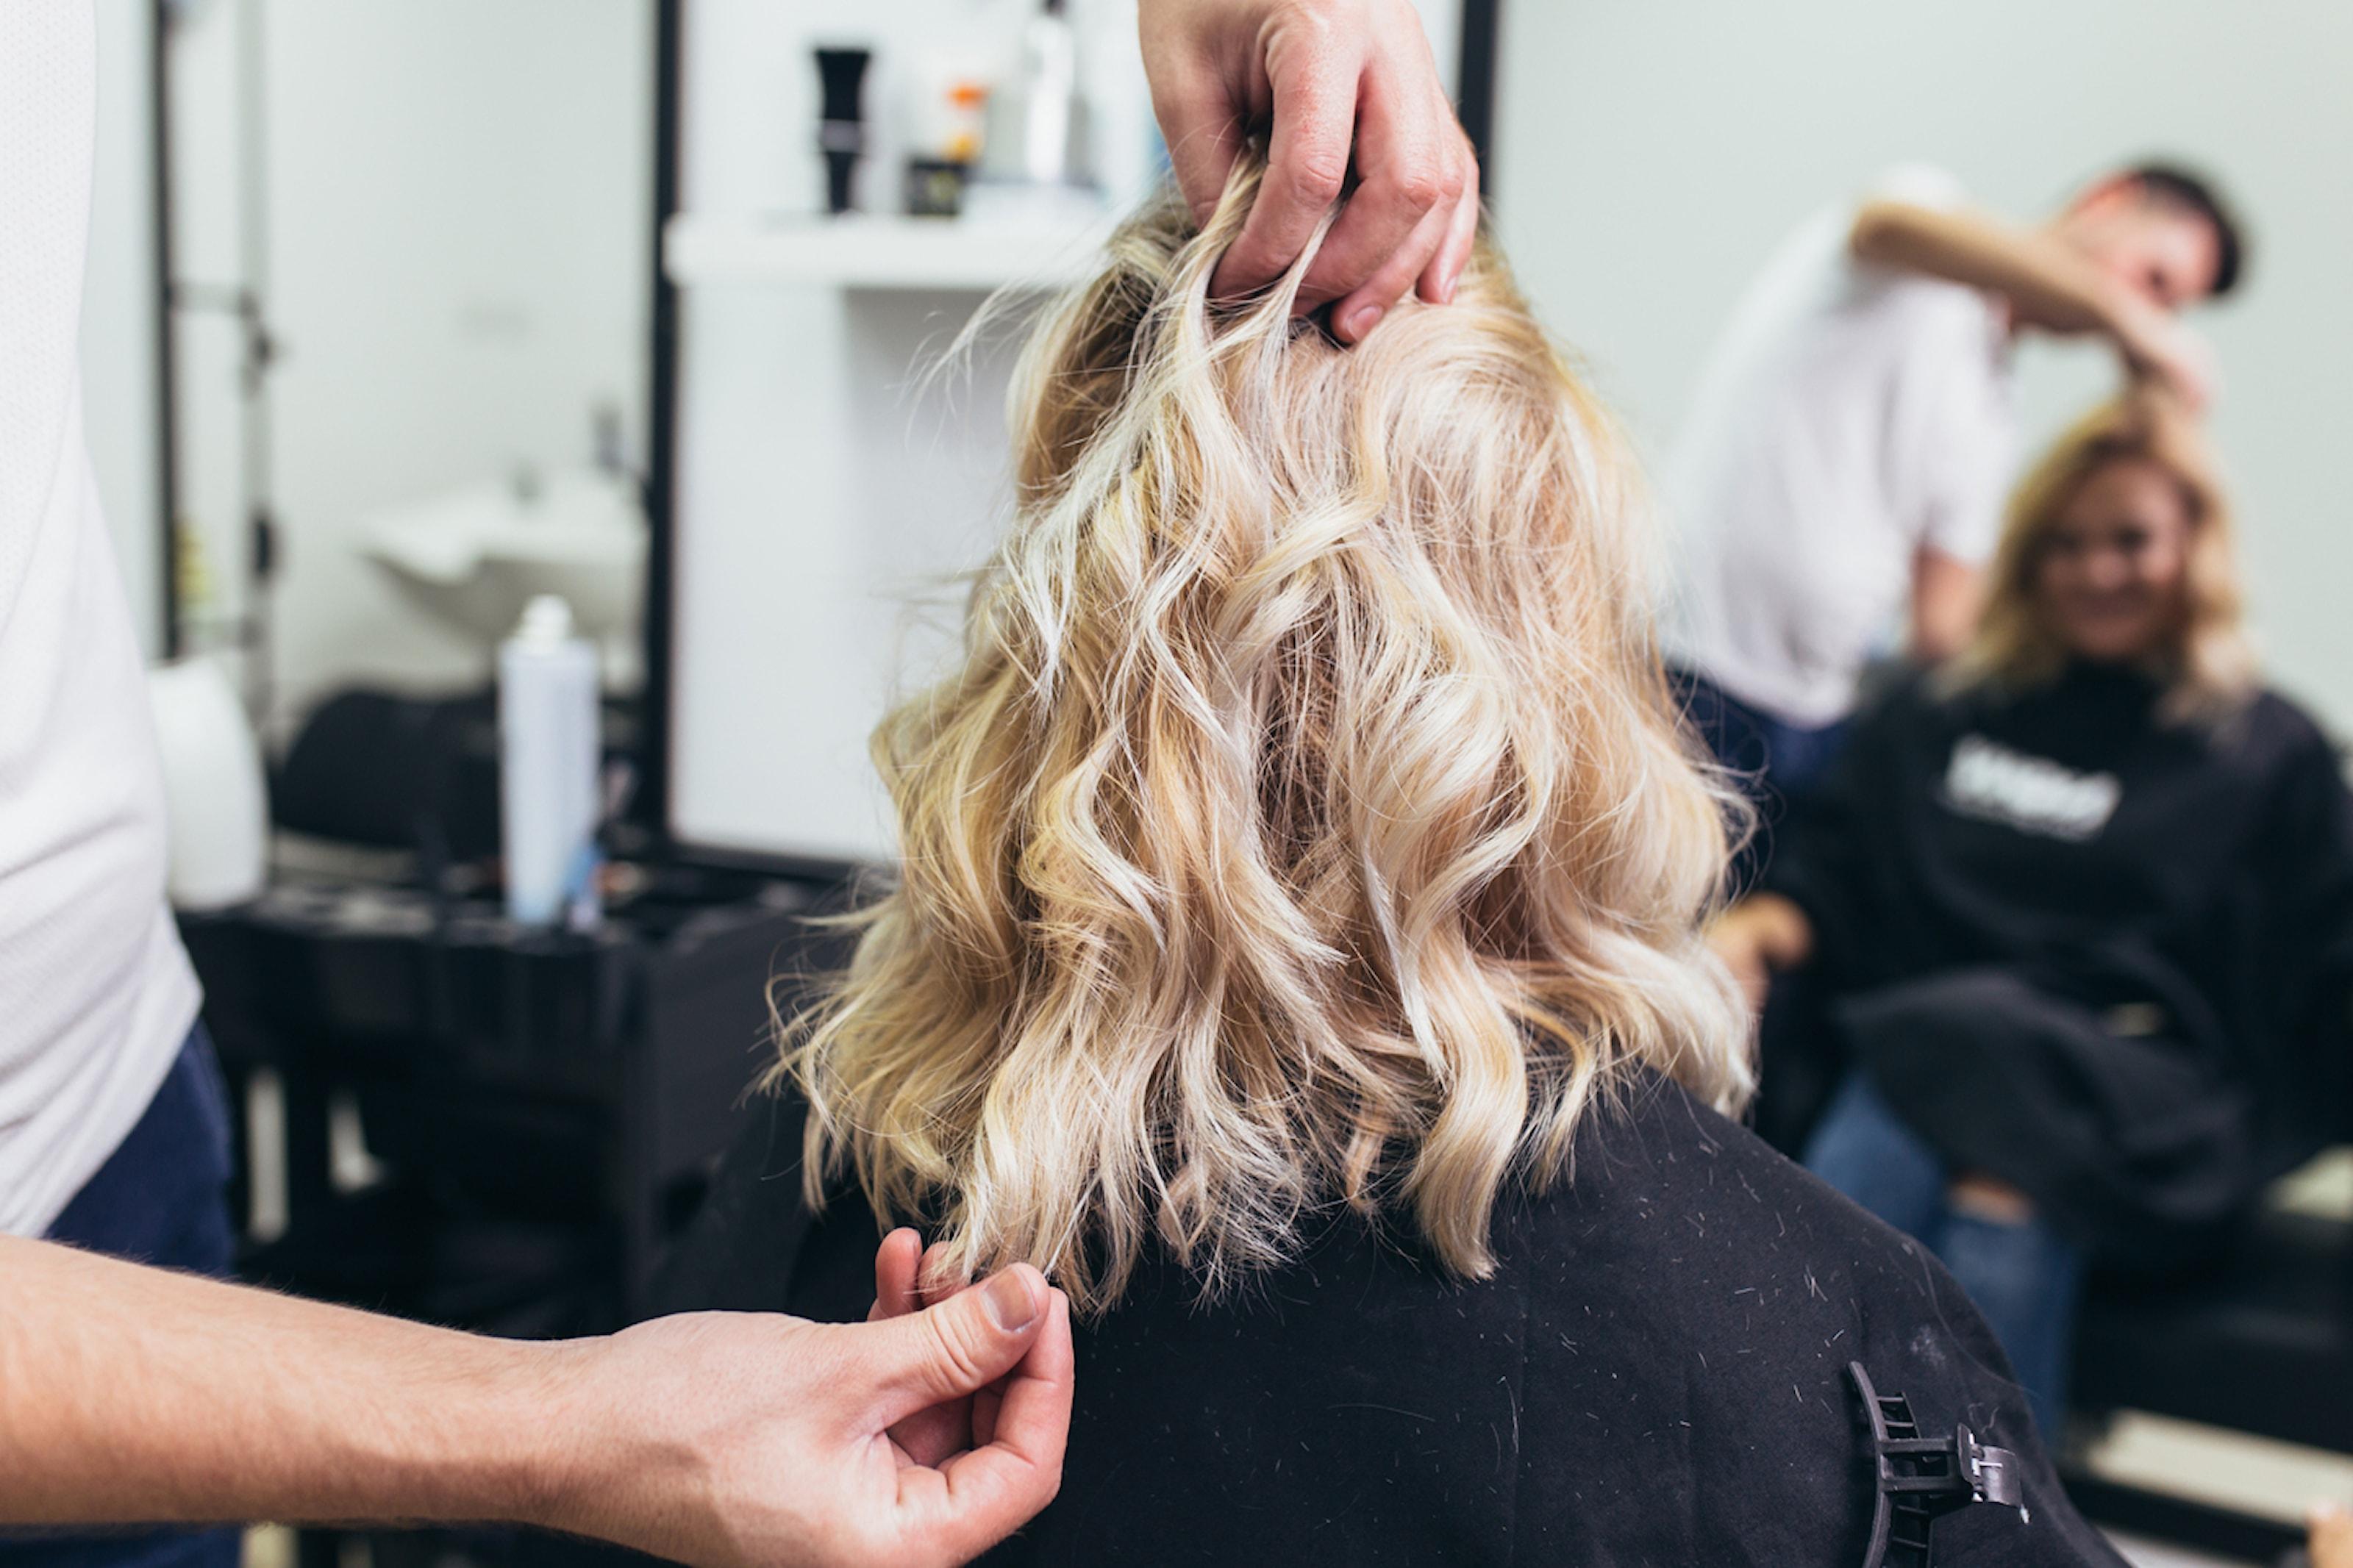 Bli fin i håret hos Salong Studio Aveny